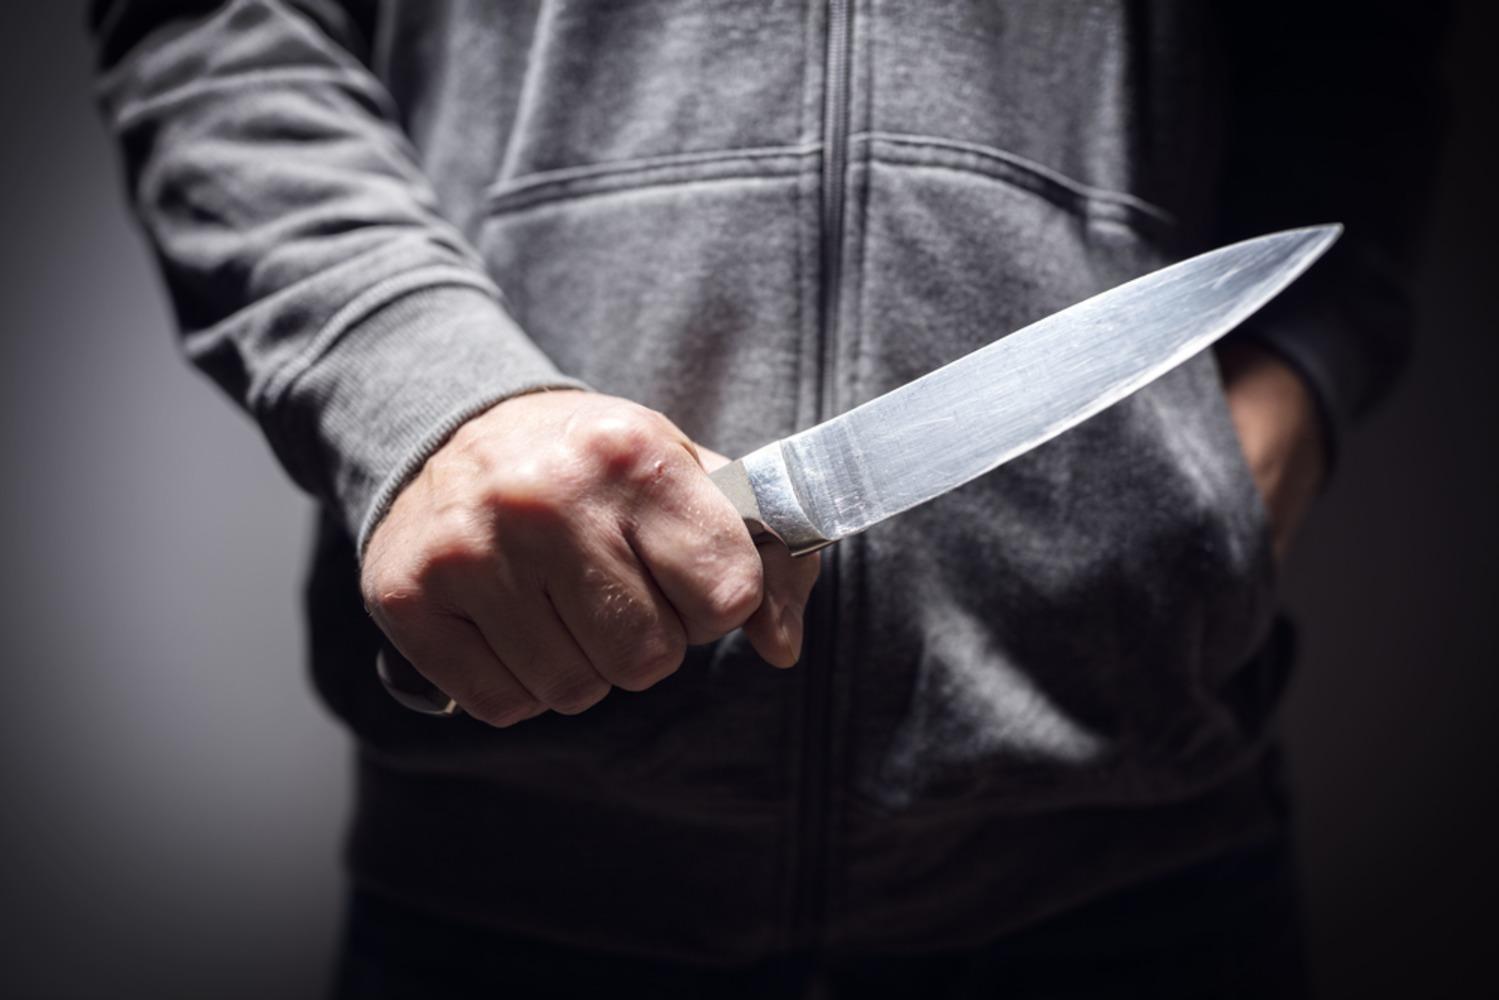 Пример ситуационной экспертизы ножевое ранение